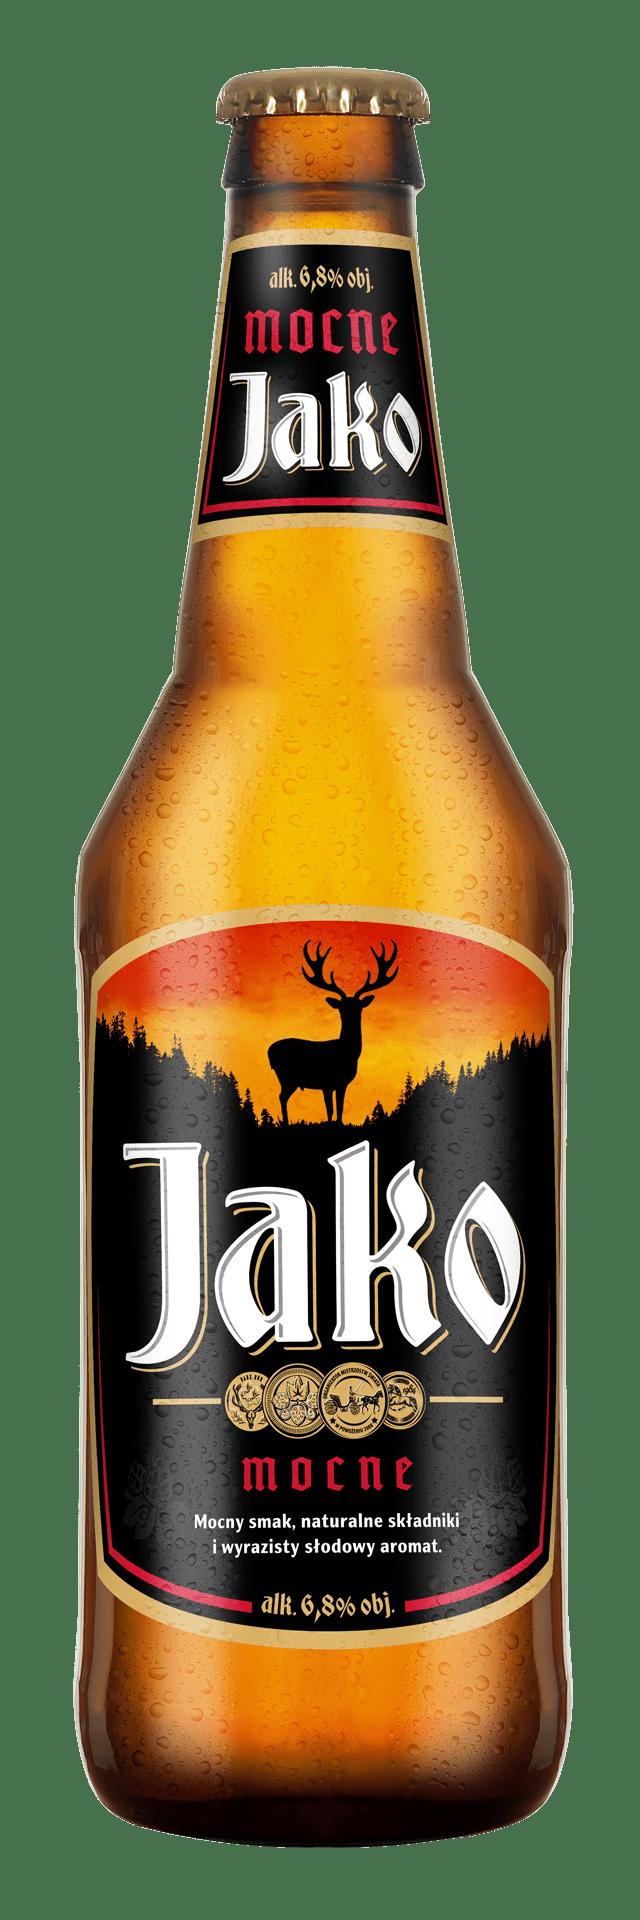 Piwo Jako Mocne - new jako mocne got